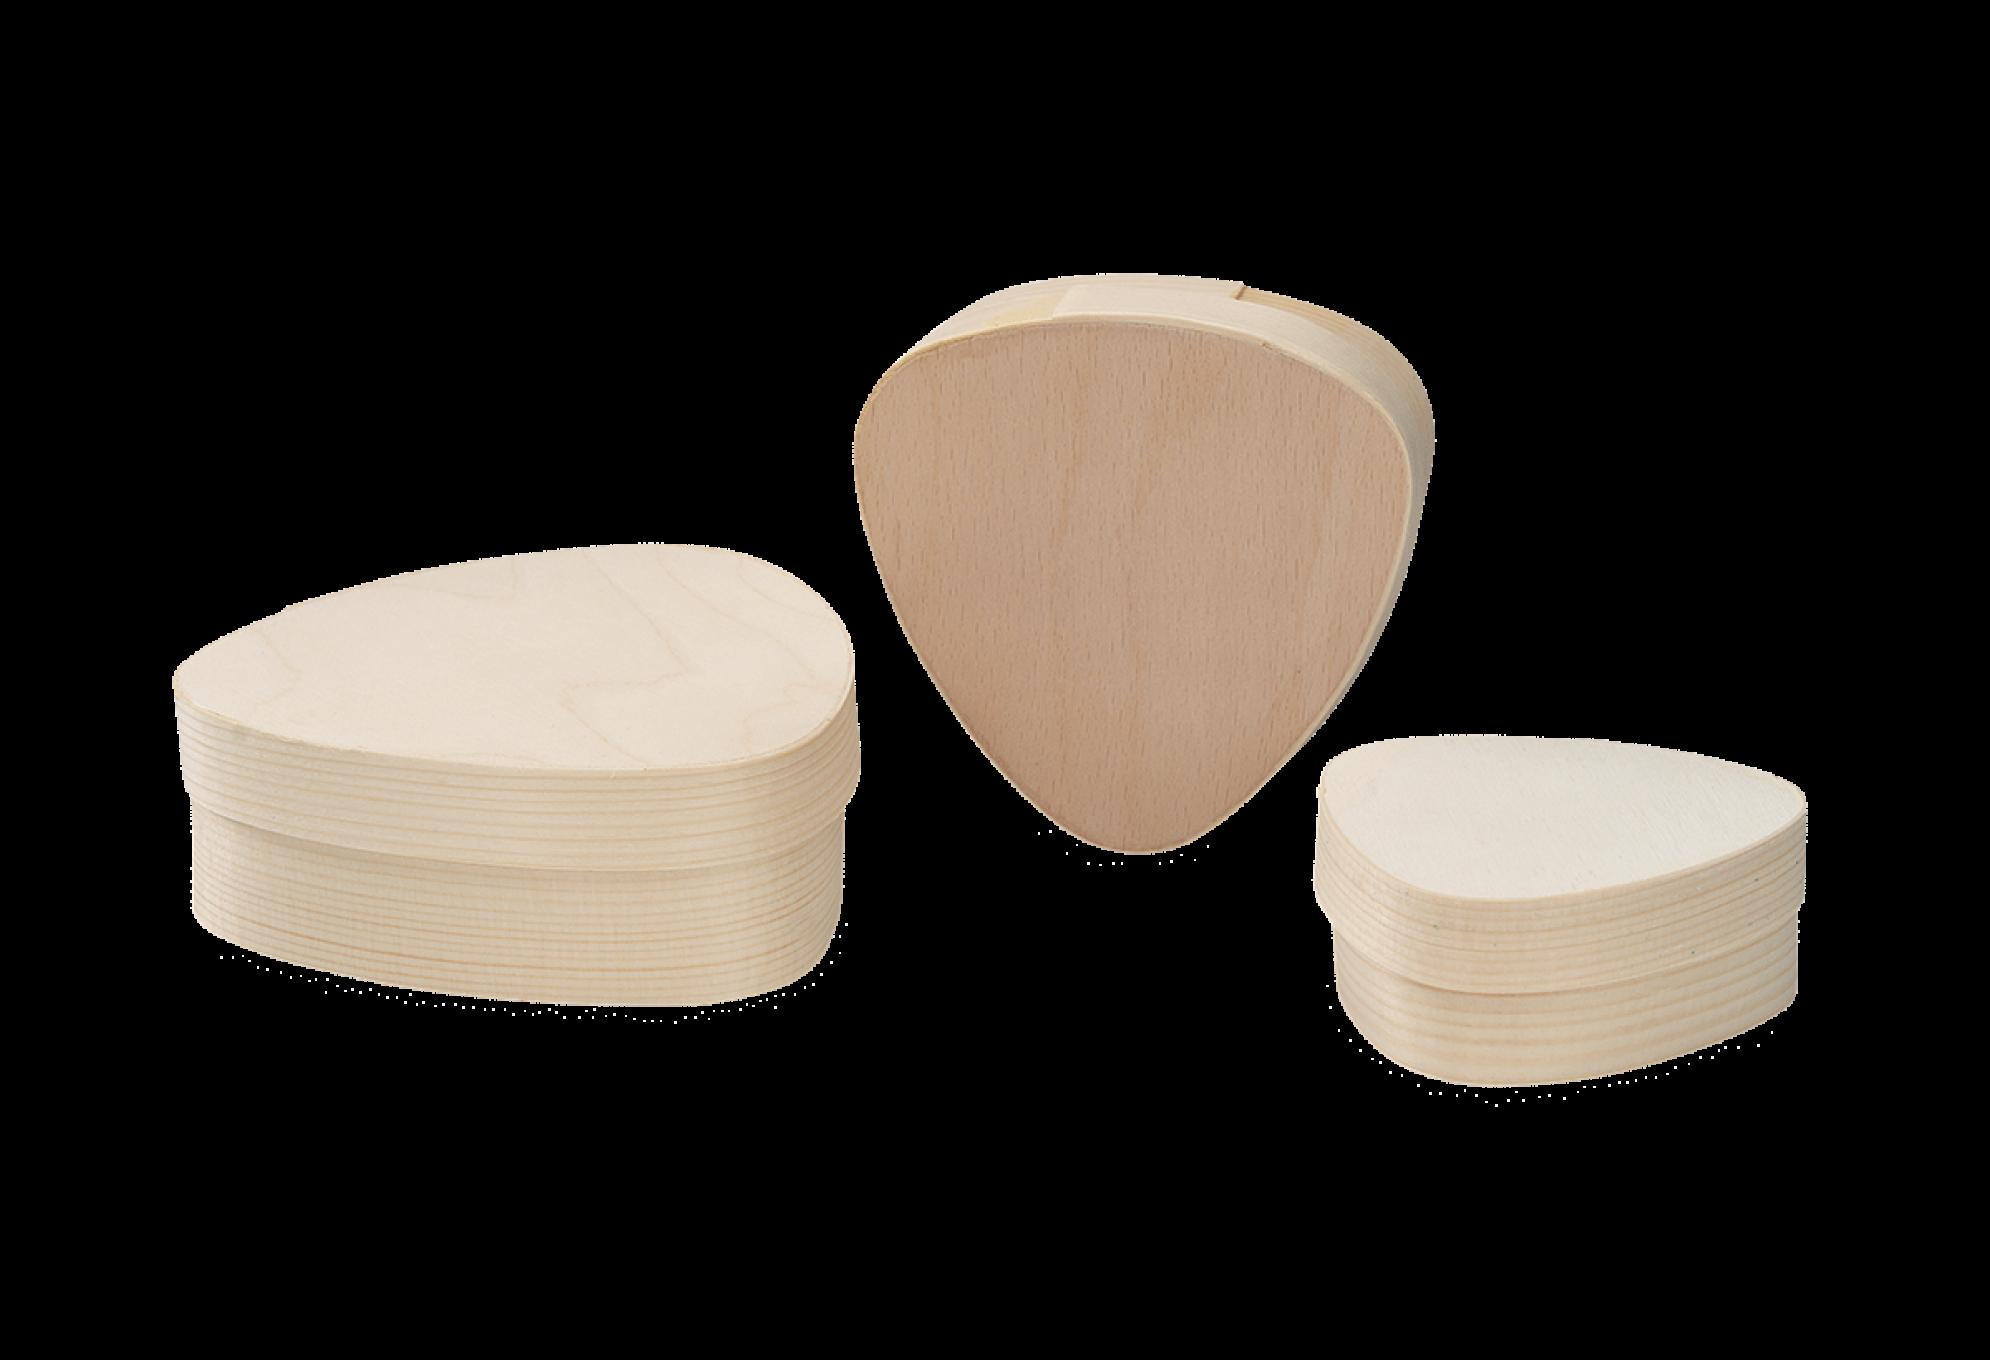 Chip Wood Boxes And Cases From Scheffau Austria Scheffauer Holzwaren